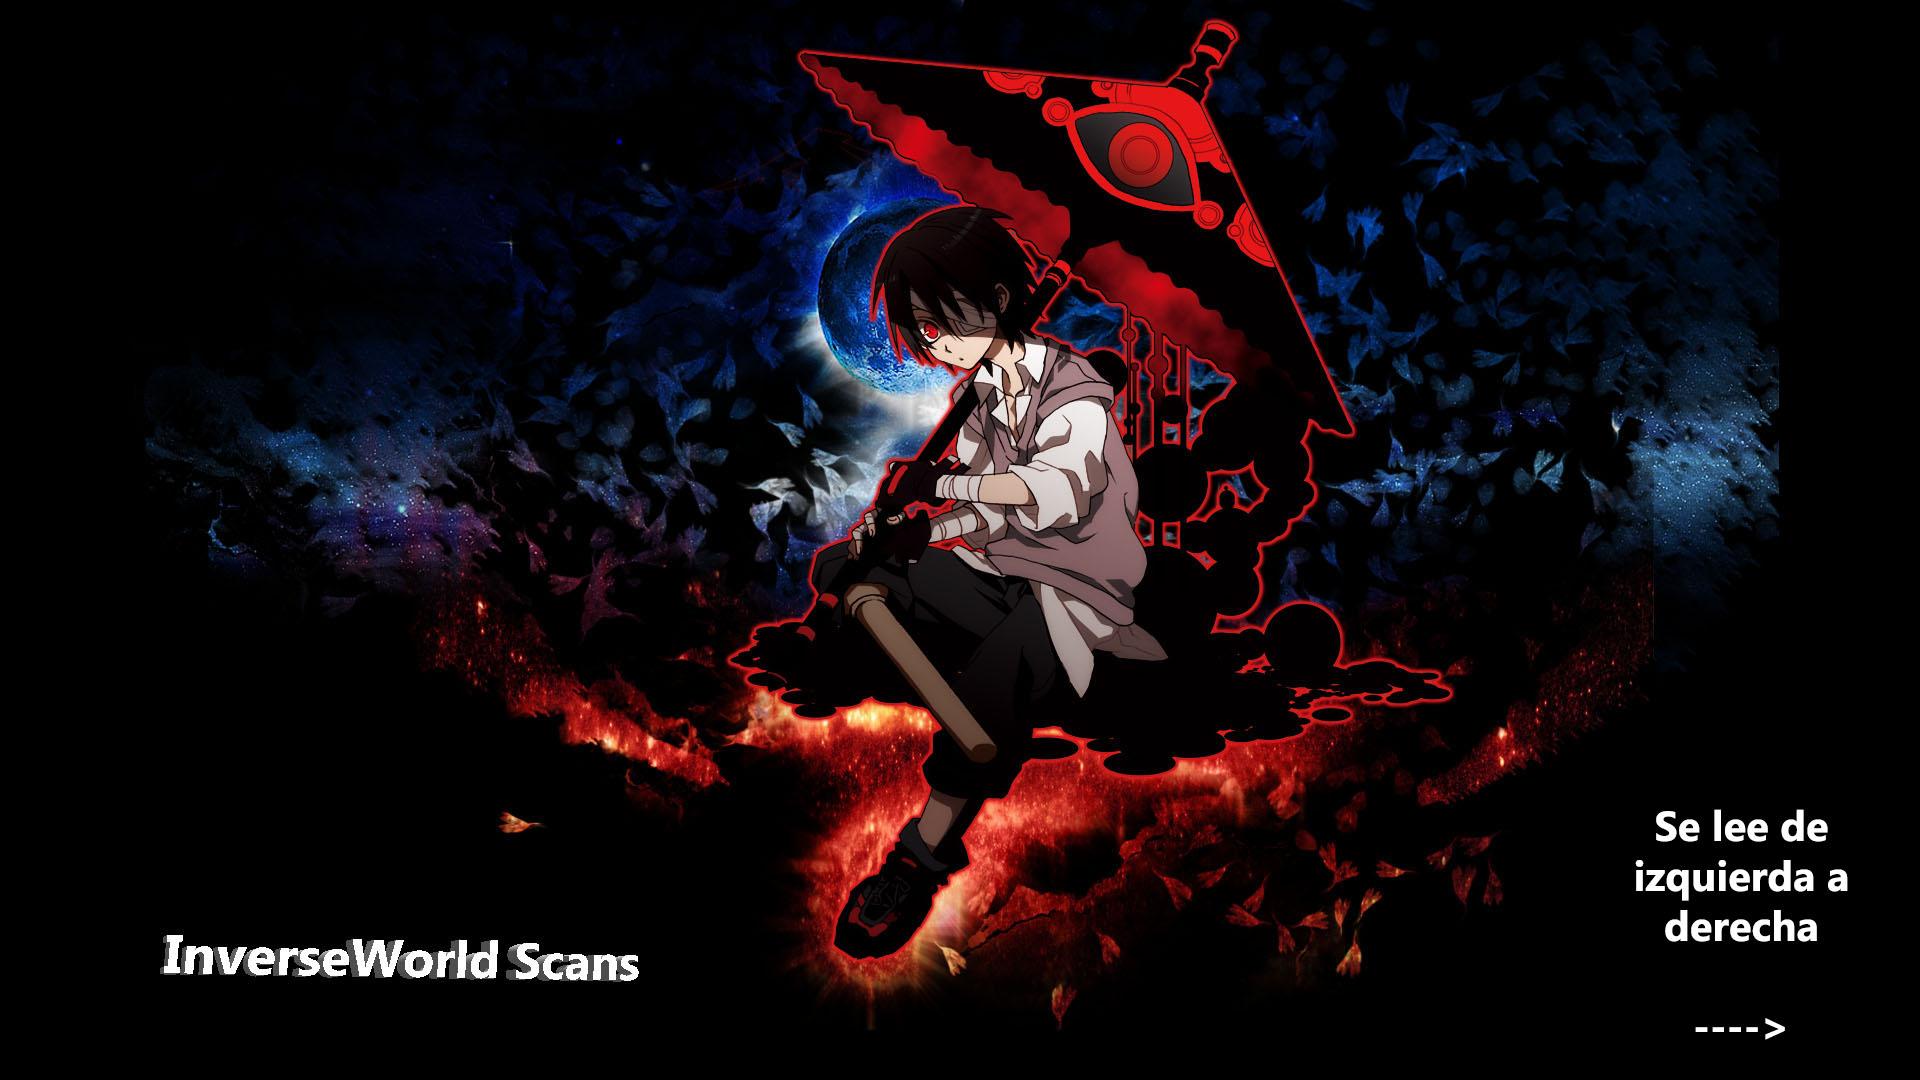 http://c5.ninemanga.com/es_manga/18/16210/415323/7c995df1ffa78d4ccac4e2e8b2fa3f88.jpg Page 2